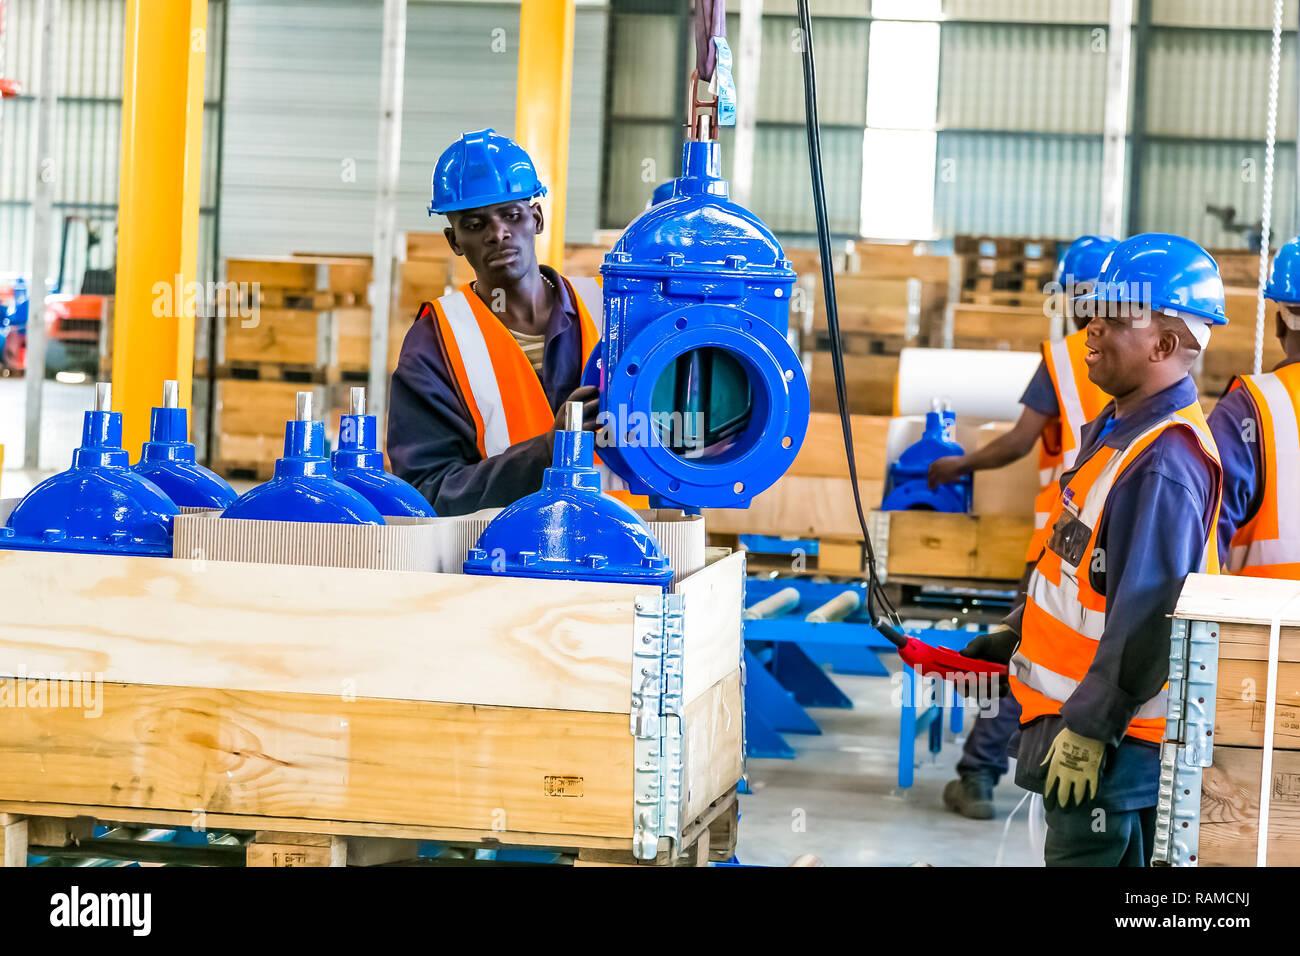 Johannesburg, Afrique du Sud - 7 septembre 2016: de la fabrication industrielle et l'assemblage de l'usine Banque D'Images